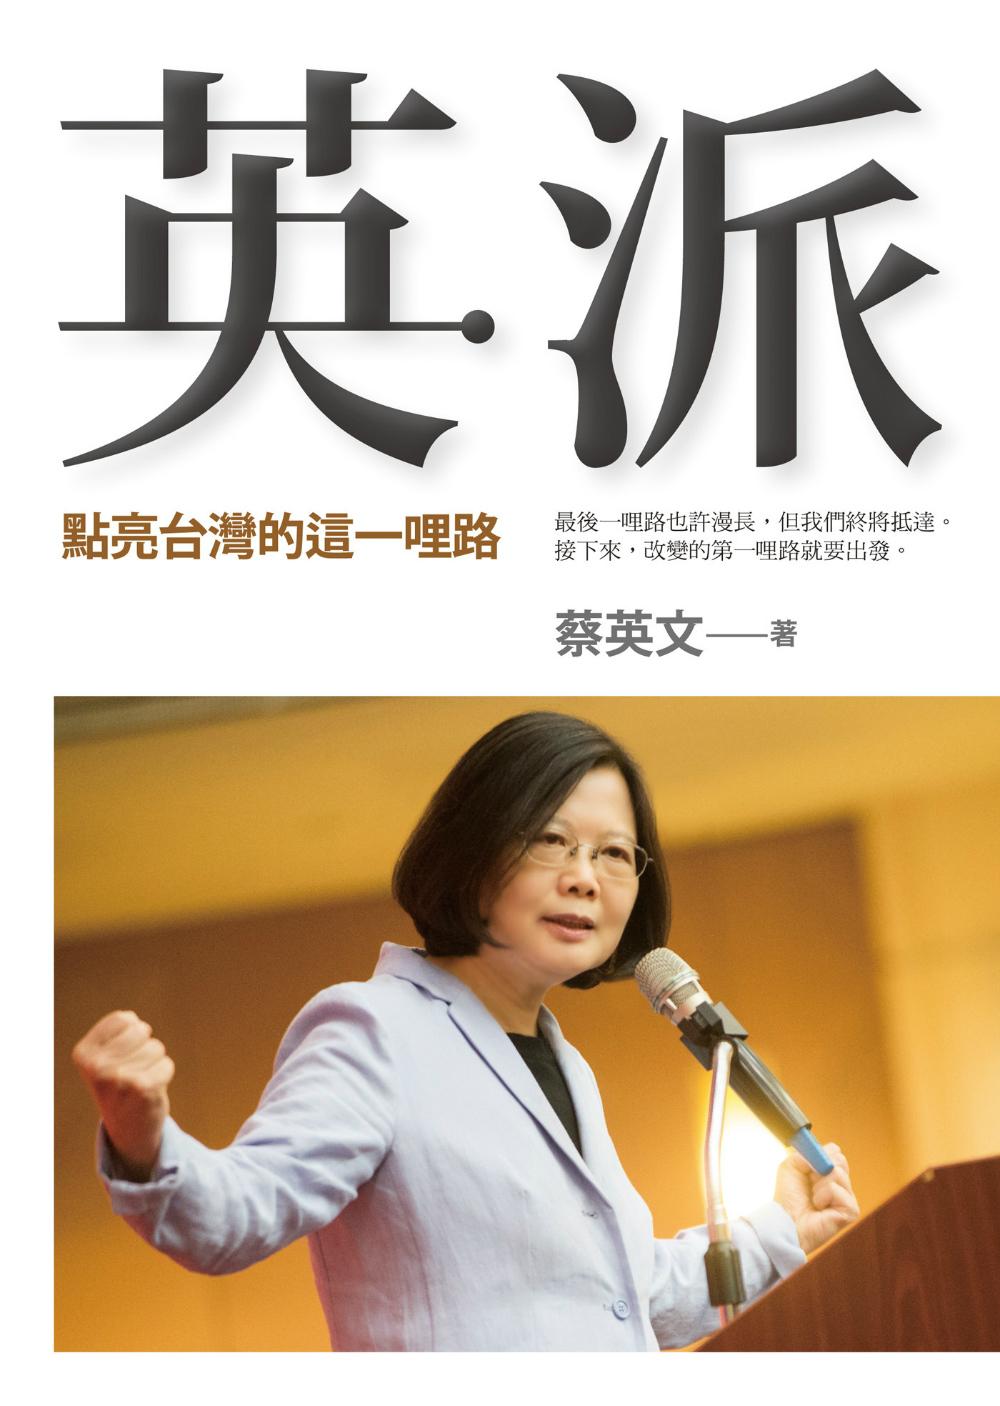 英派:點亮台灣的這一哩路 (電子書)